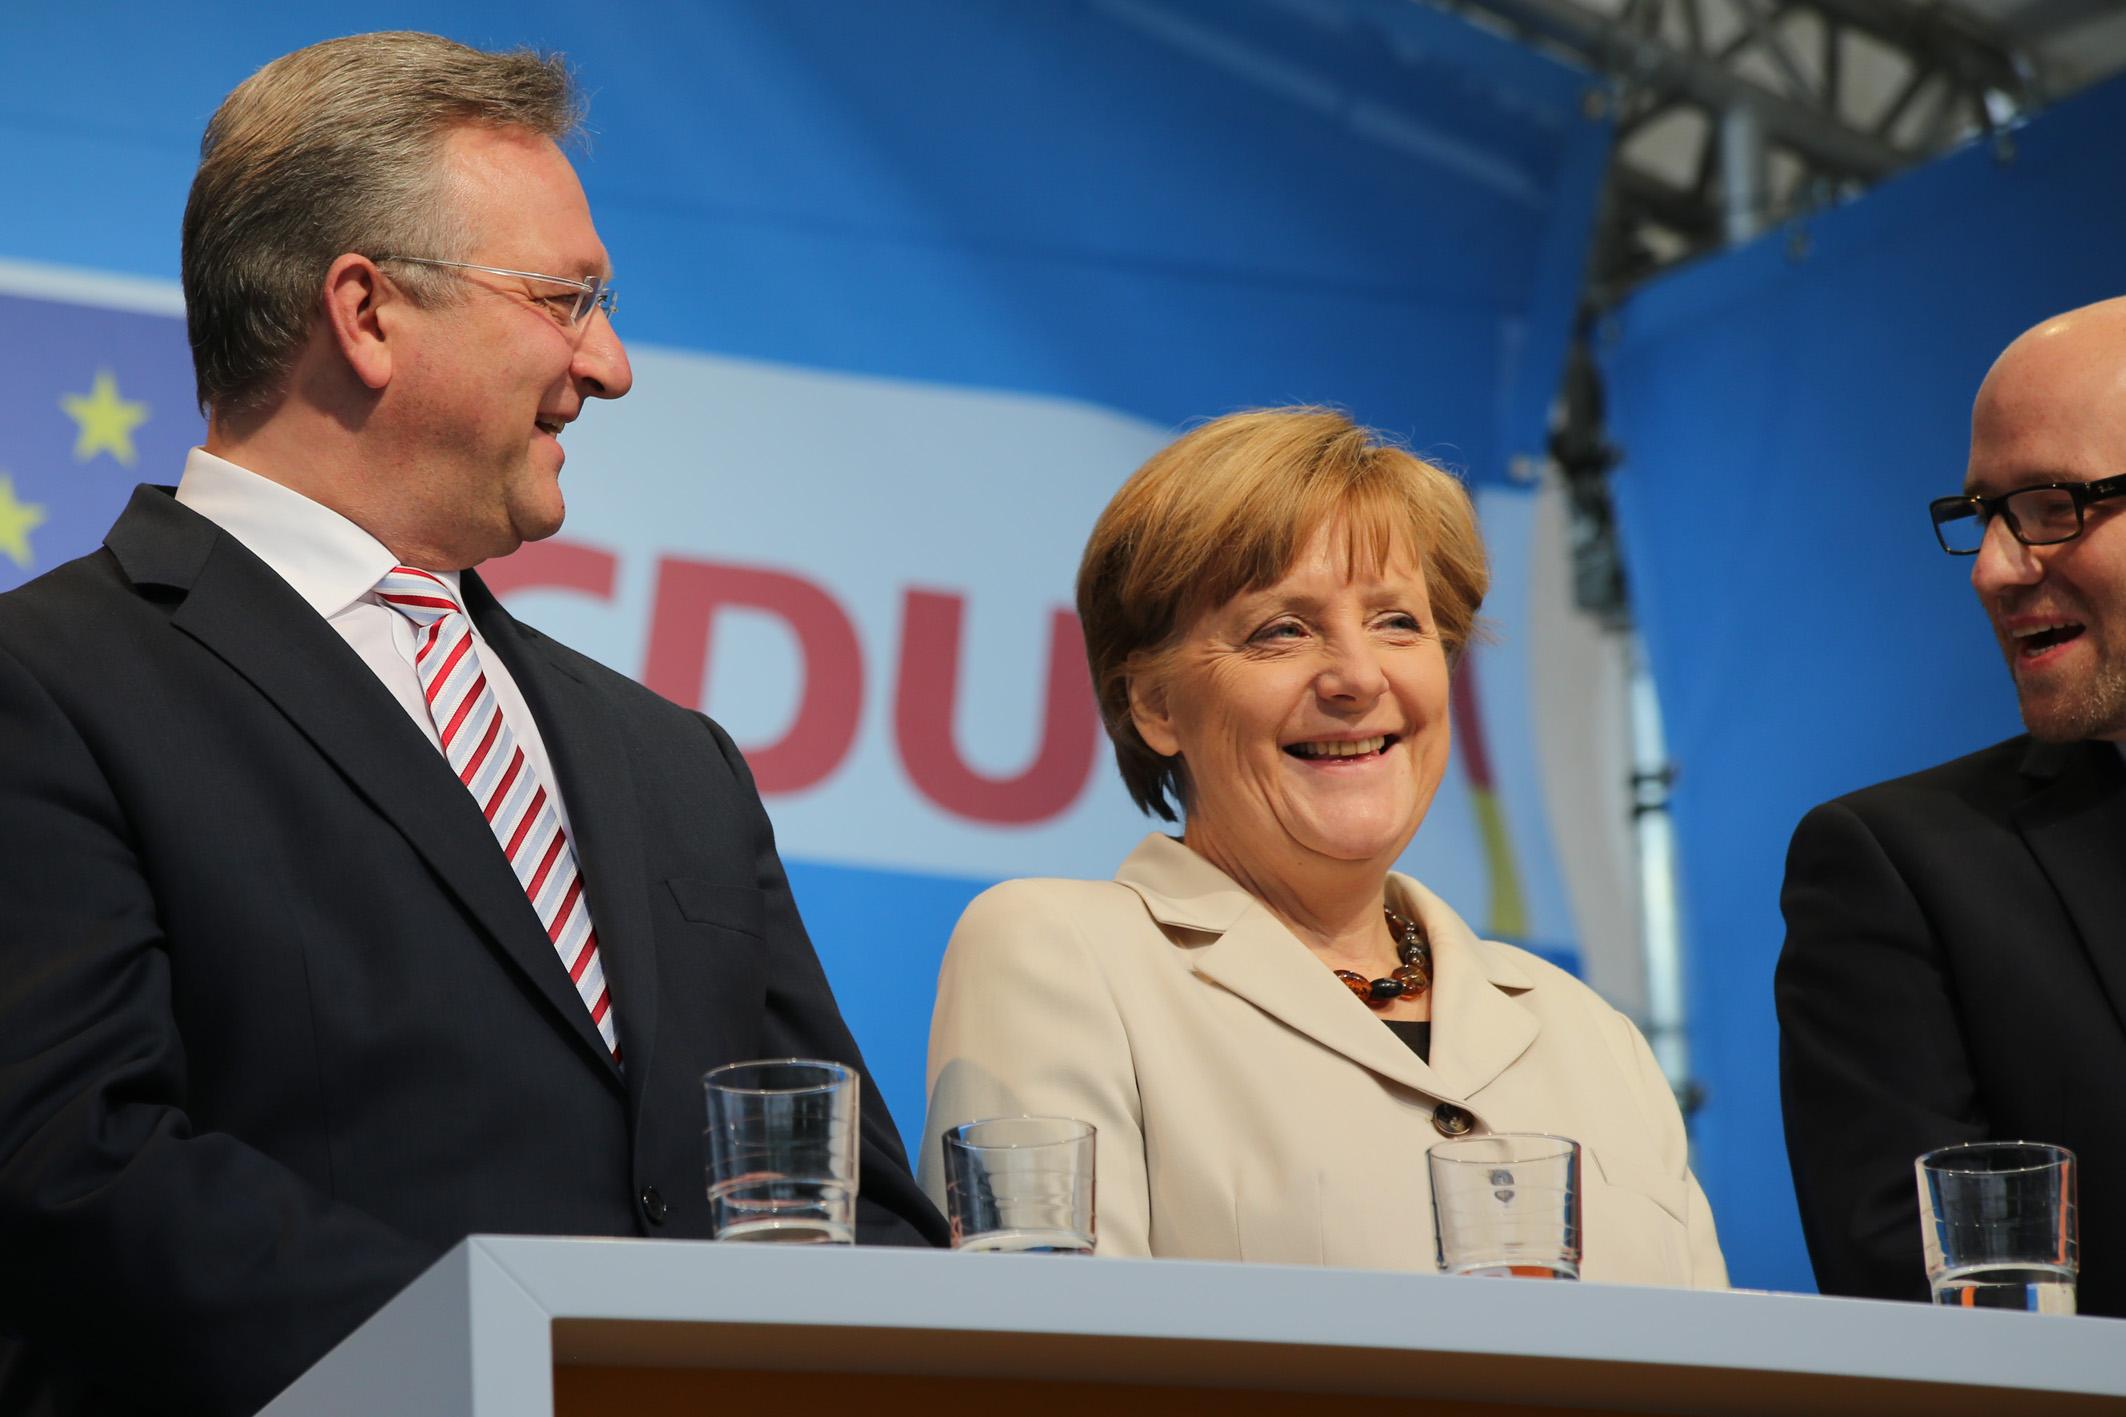 Podium mit Frank Henkel und Angela Merkel Europafest und Kundgebung 2014